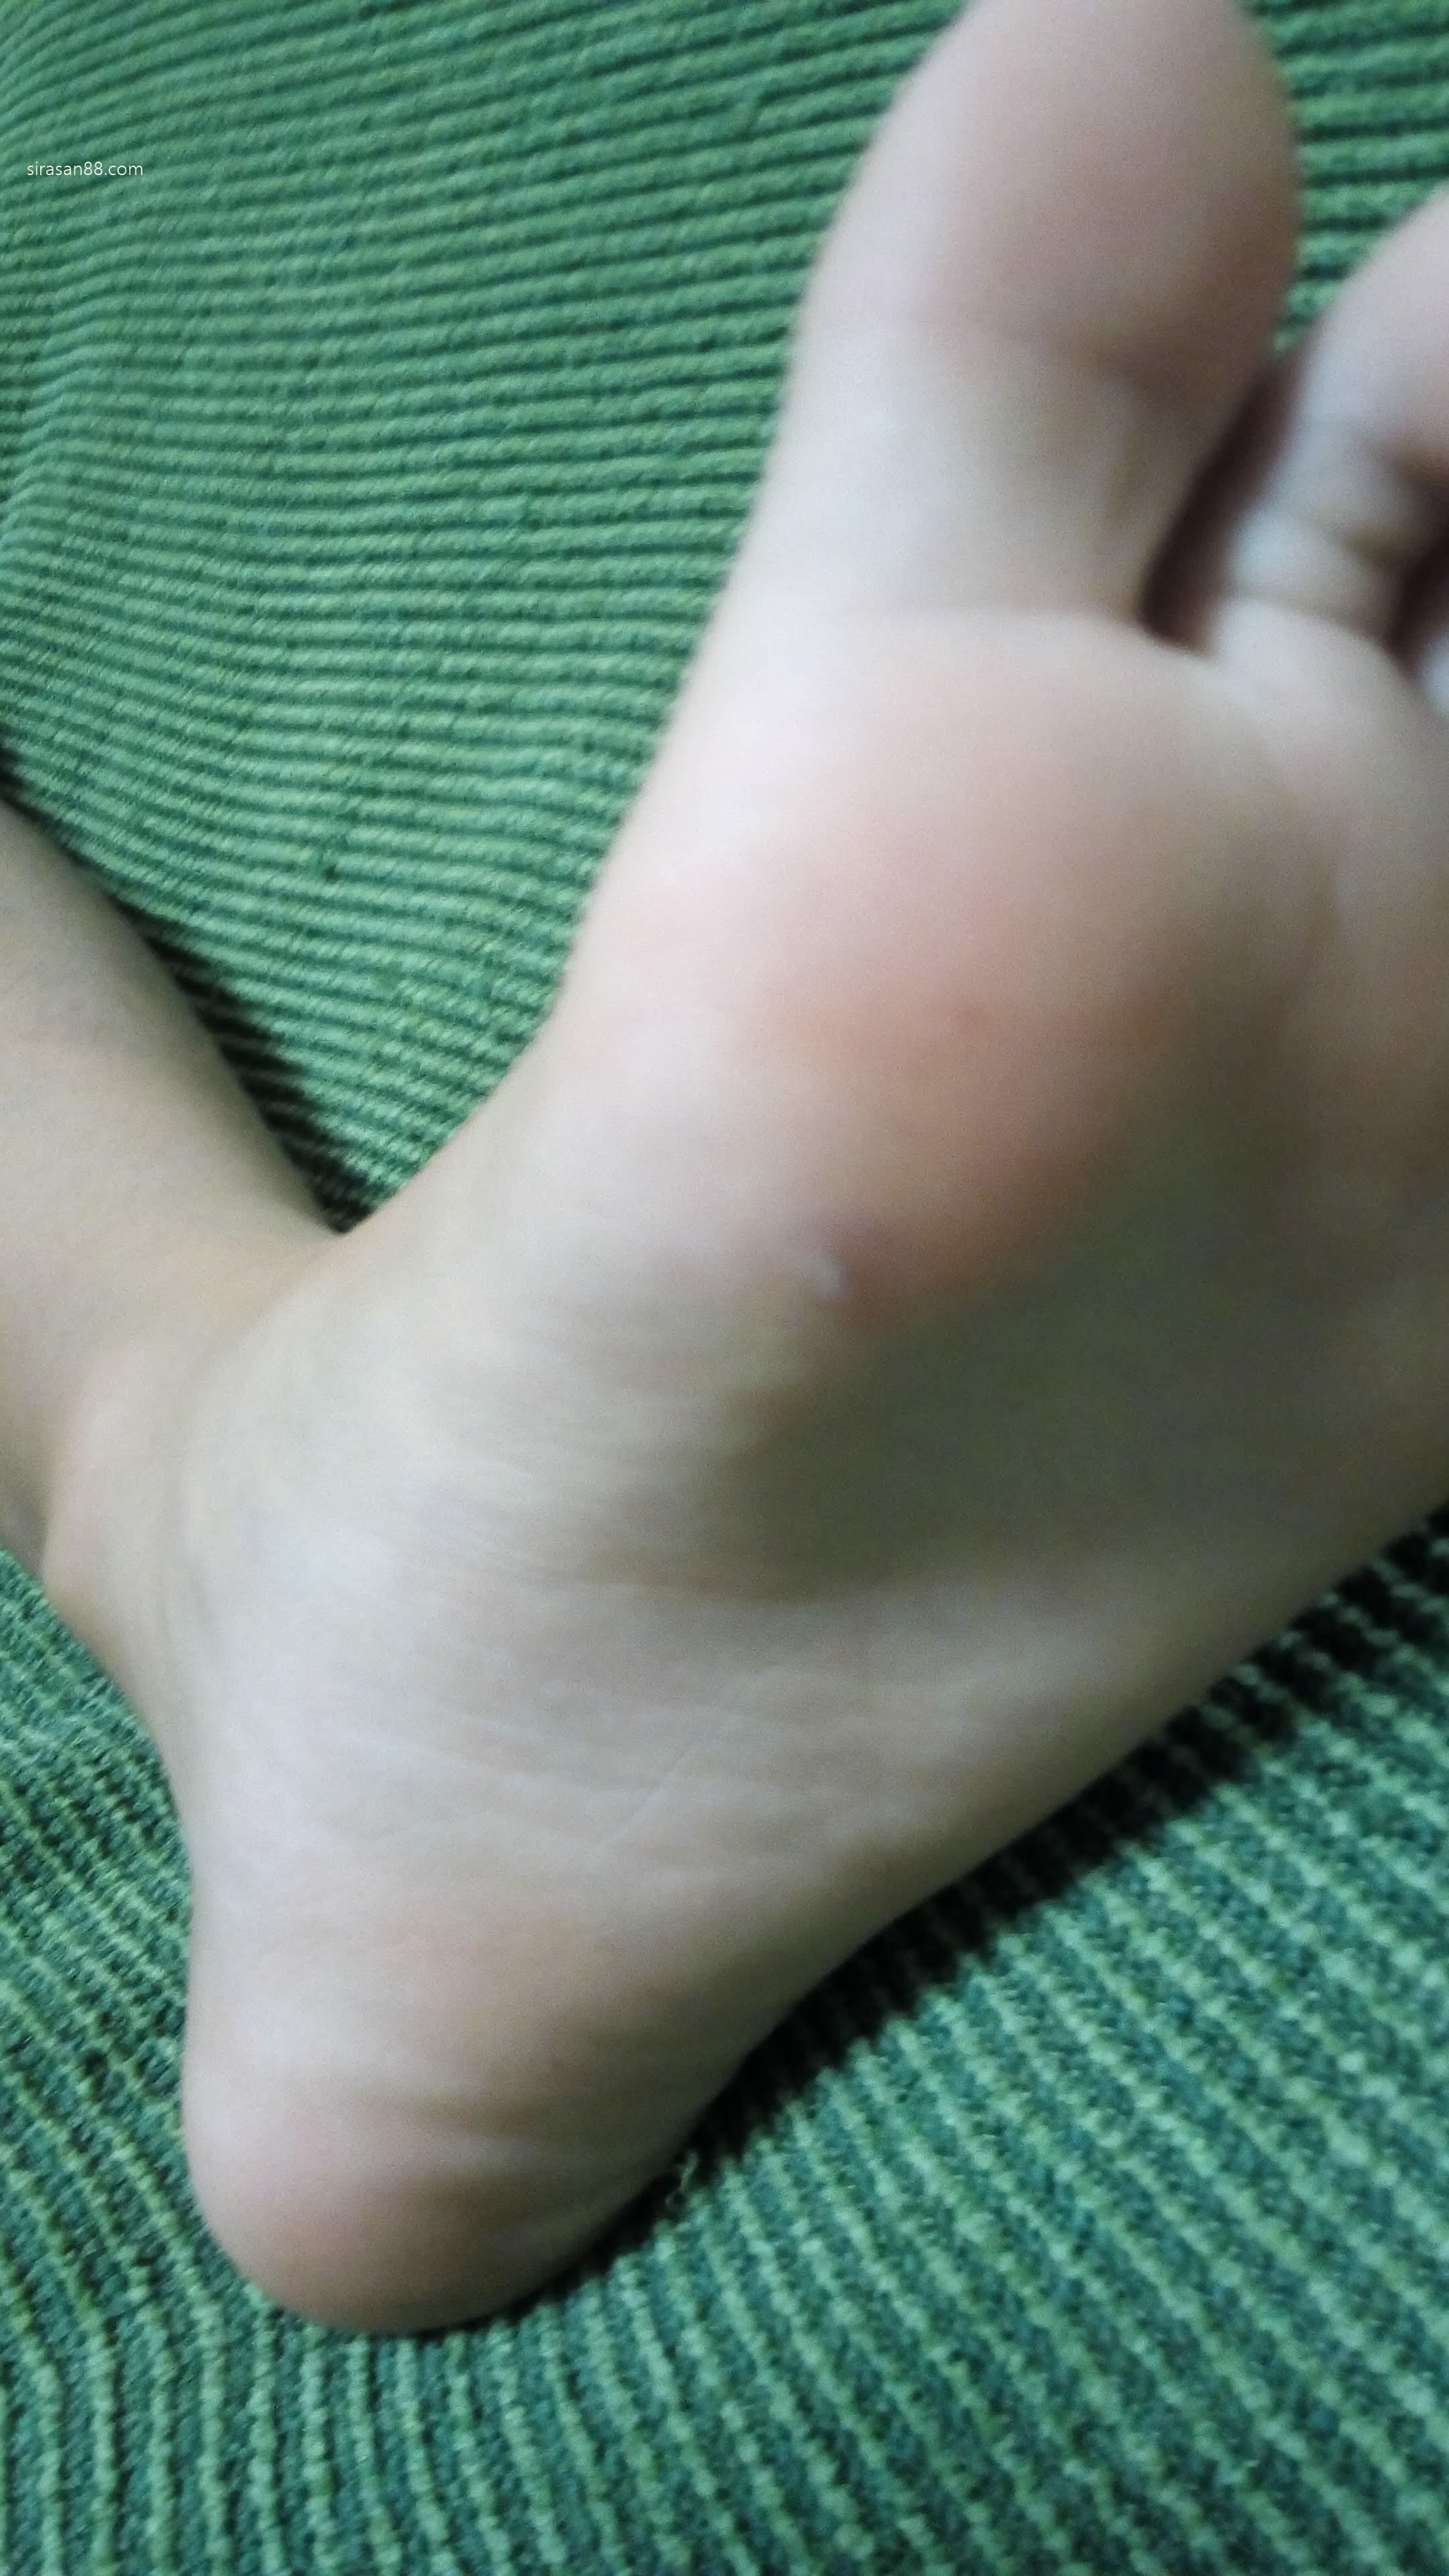 痛い 足 裏 イボ